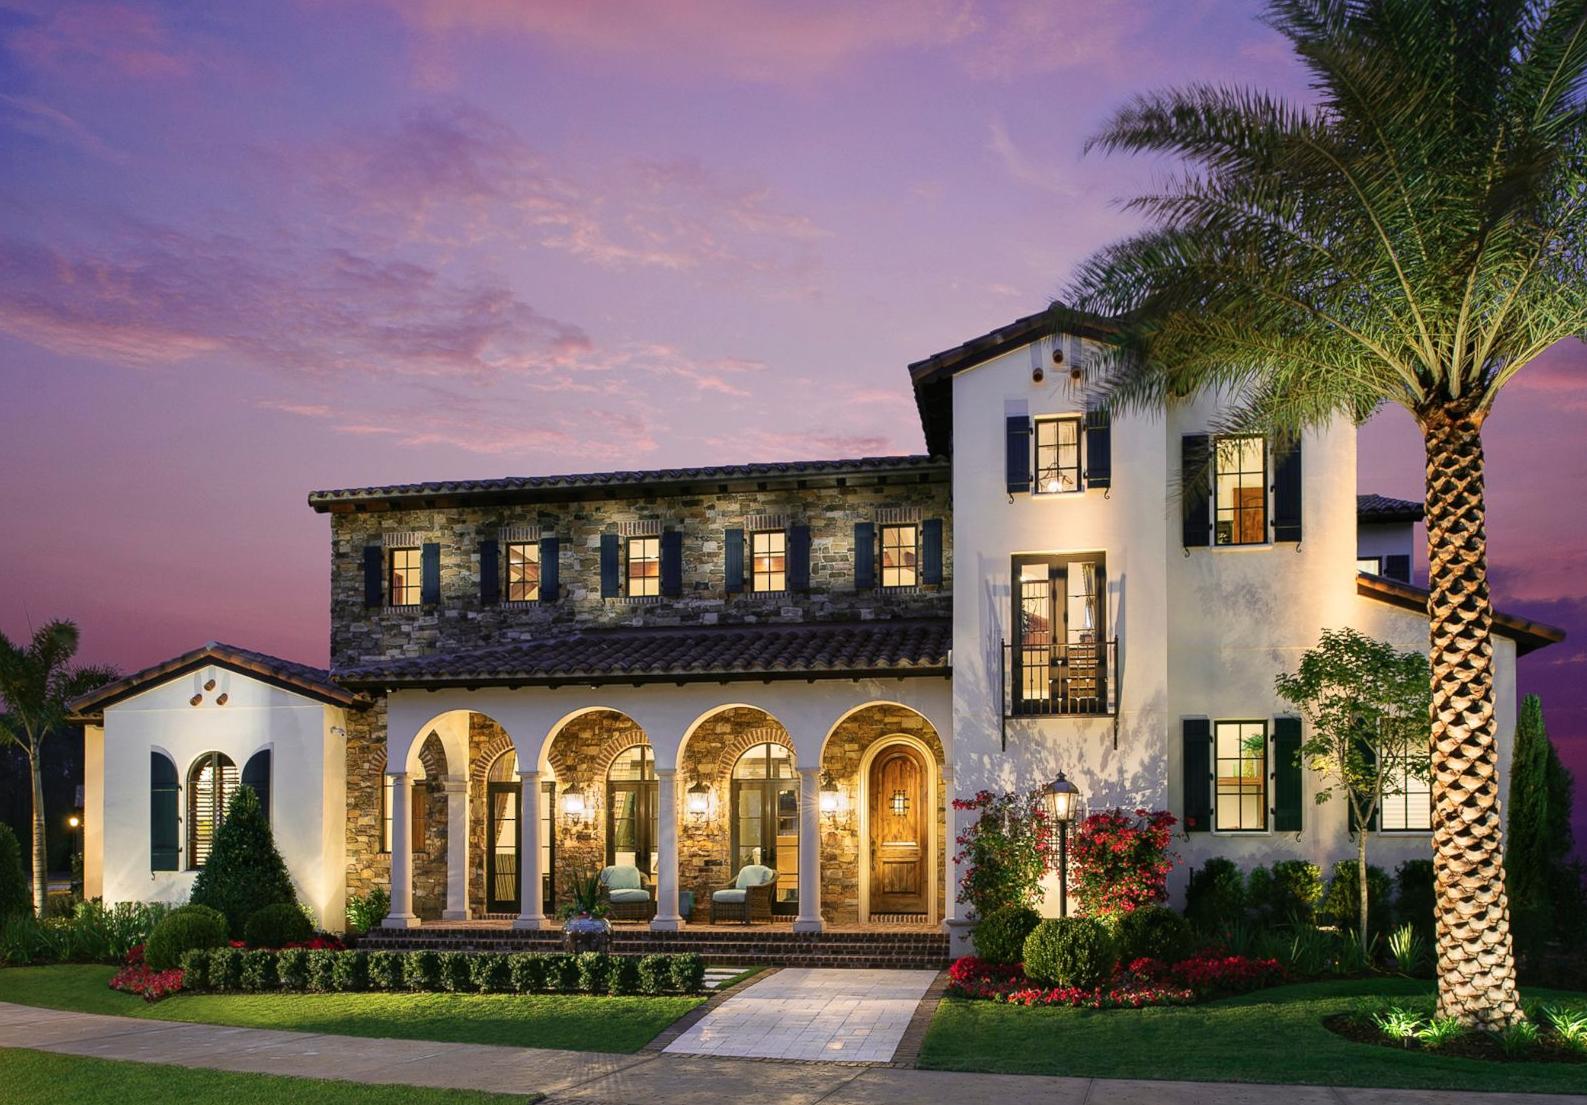 Acheter une maison en plein disneyland c est possible for Achete un maison